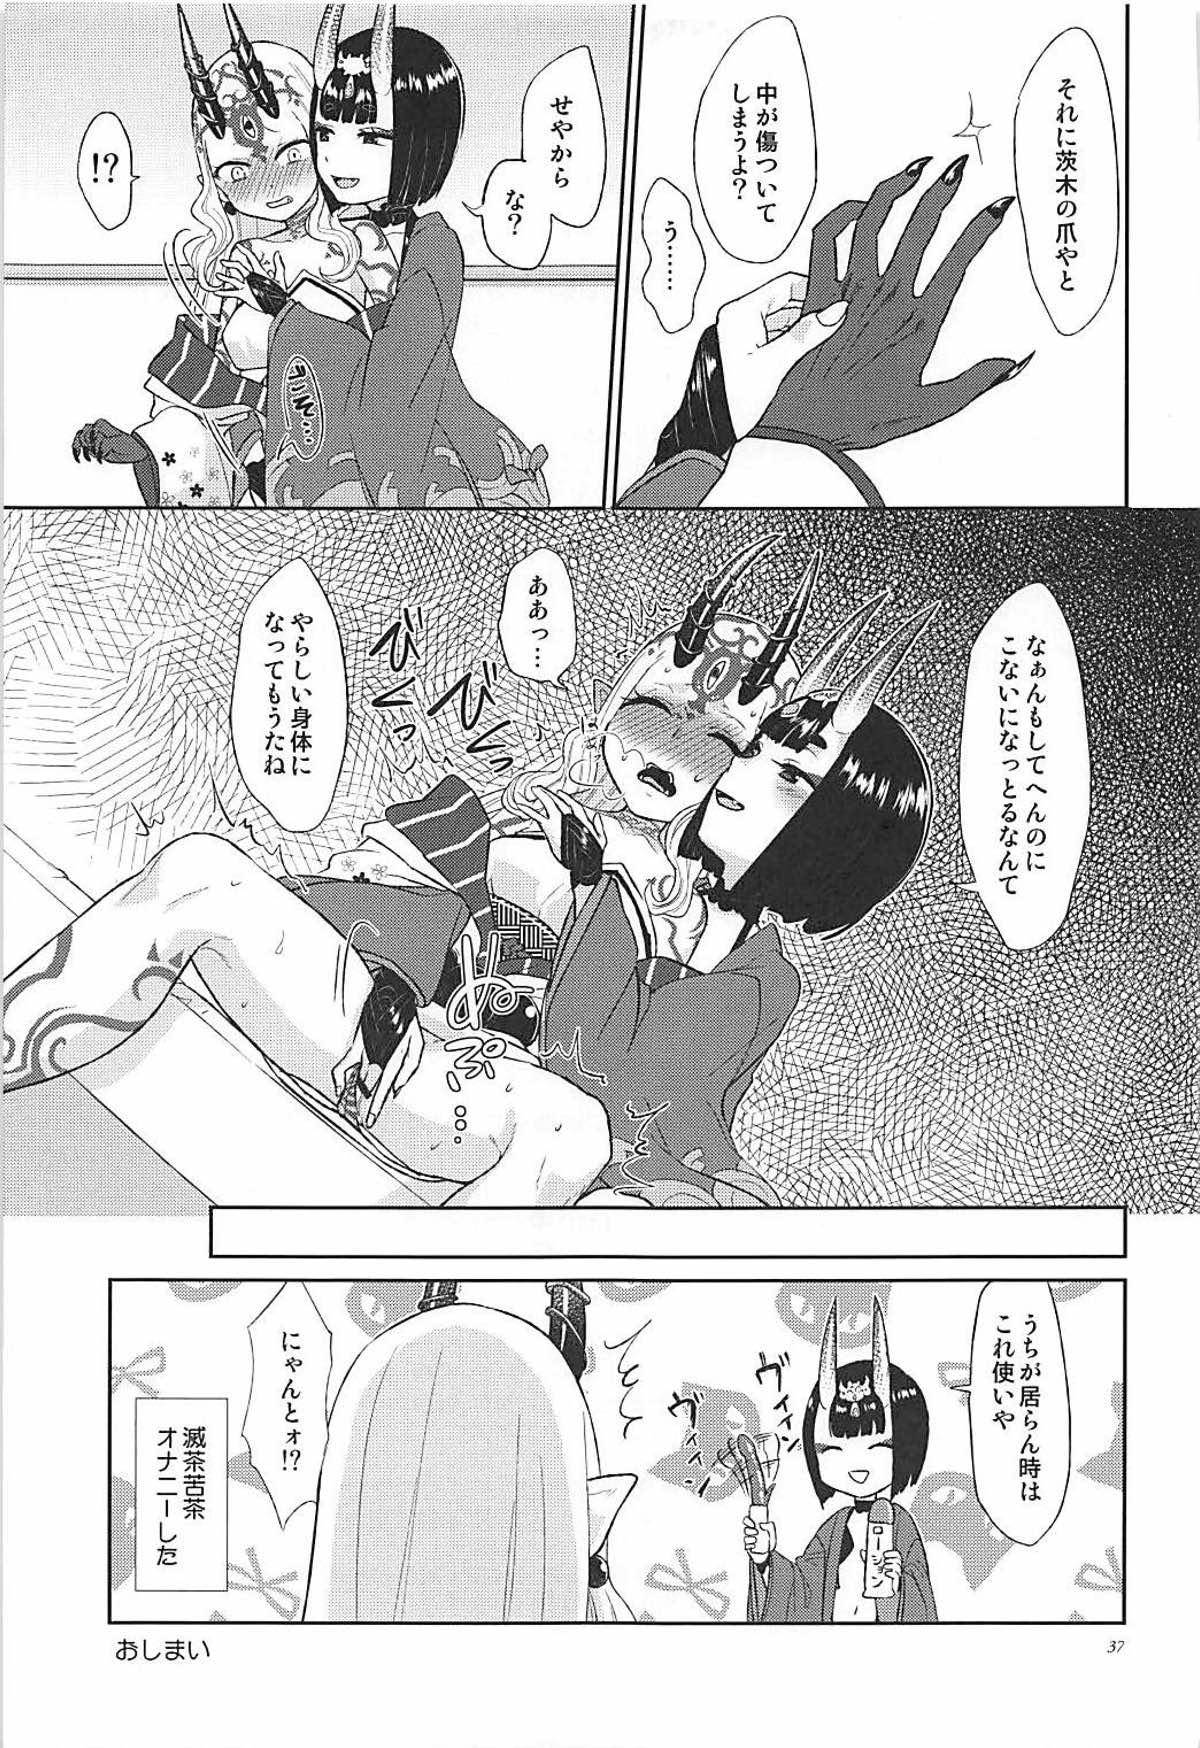 【エロ同人誌 FGO】酒呑童子と茨木童子がイチャラブ百合セックスwww【無料 エロ漫画】 (36)